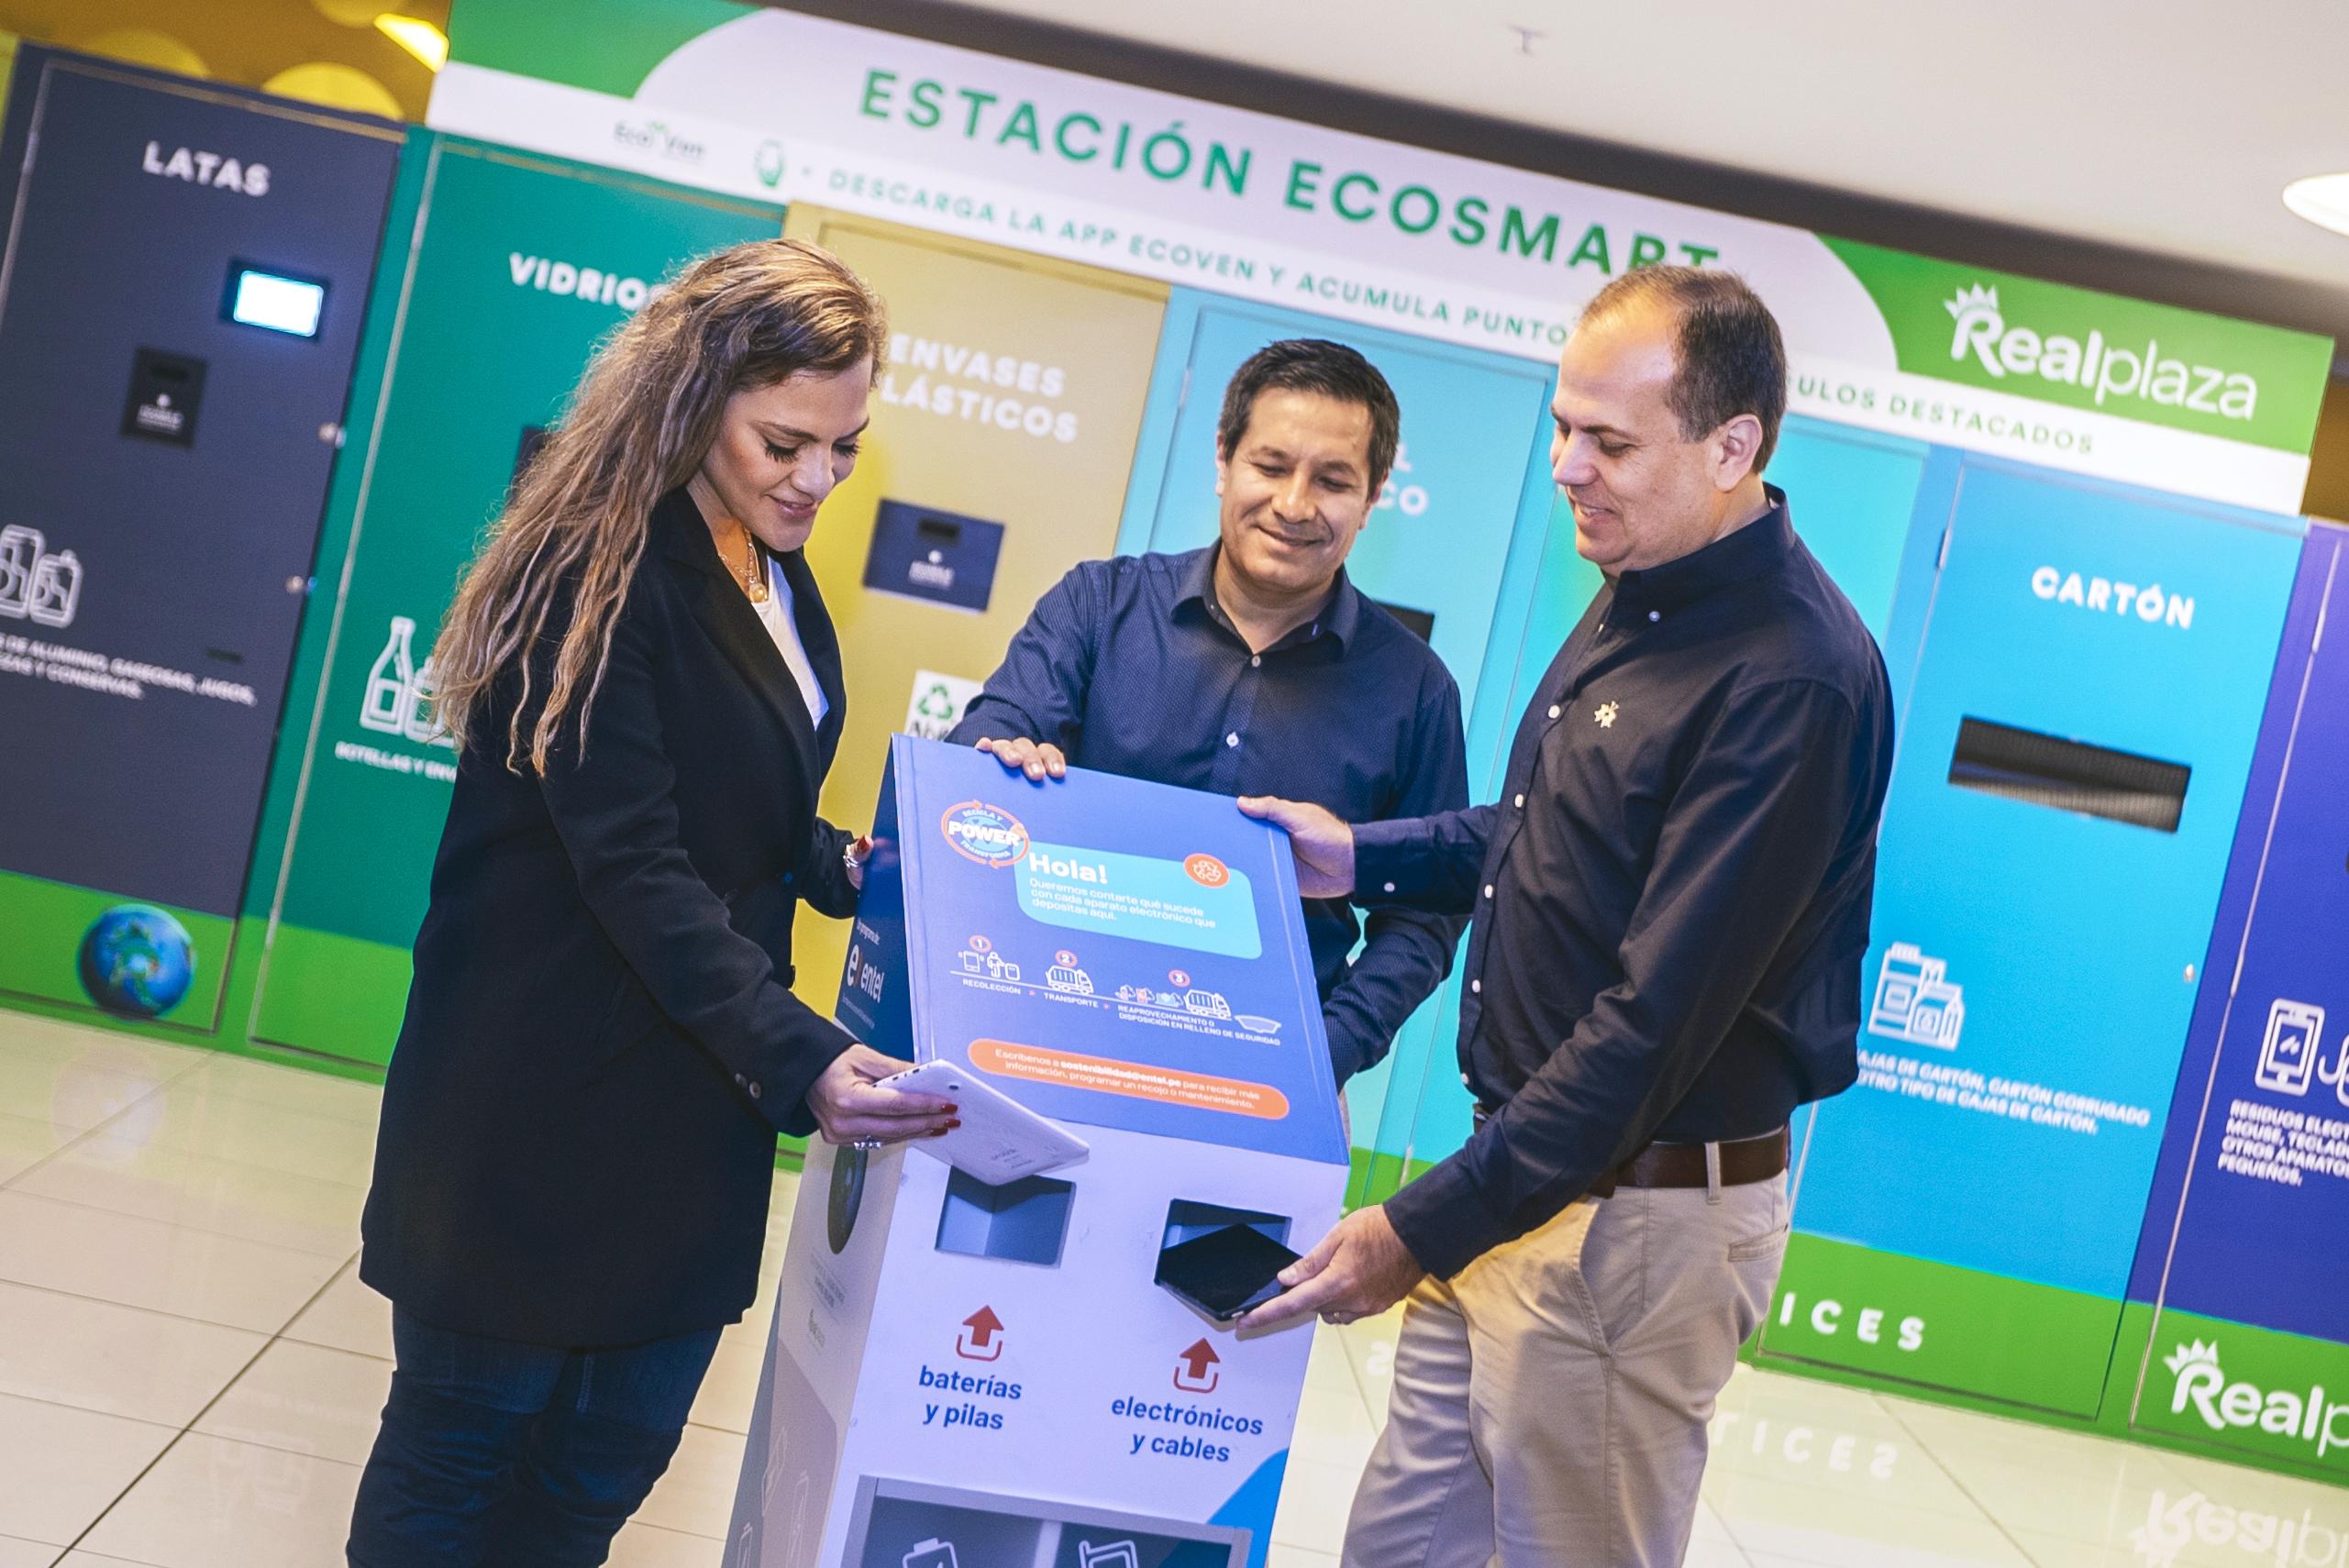 Real Plaza y Entel se unen por el reciclaje electrónico